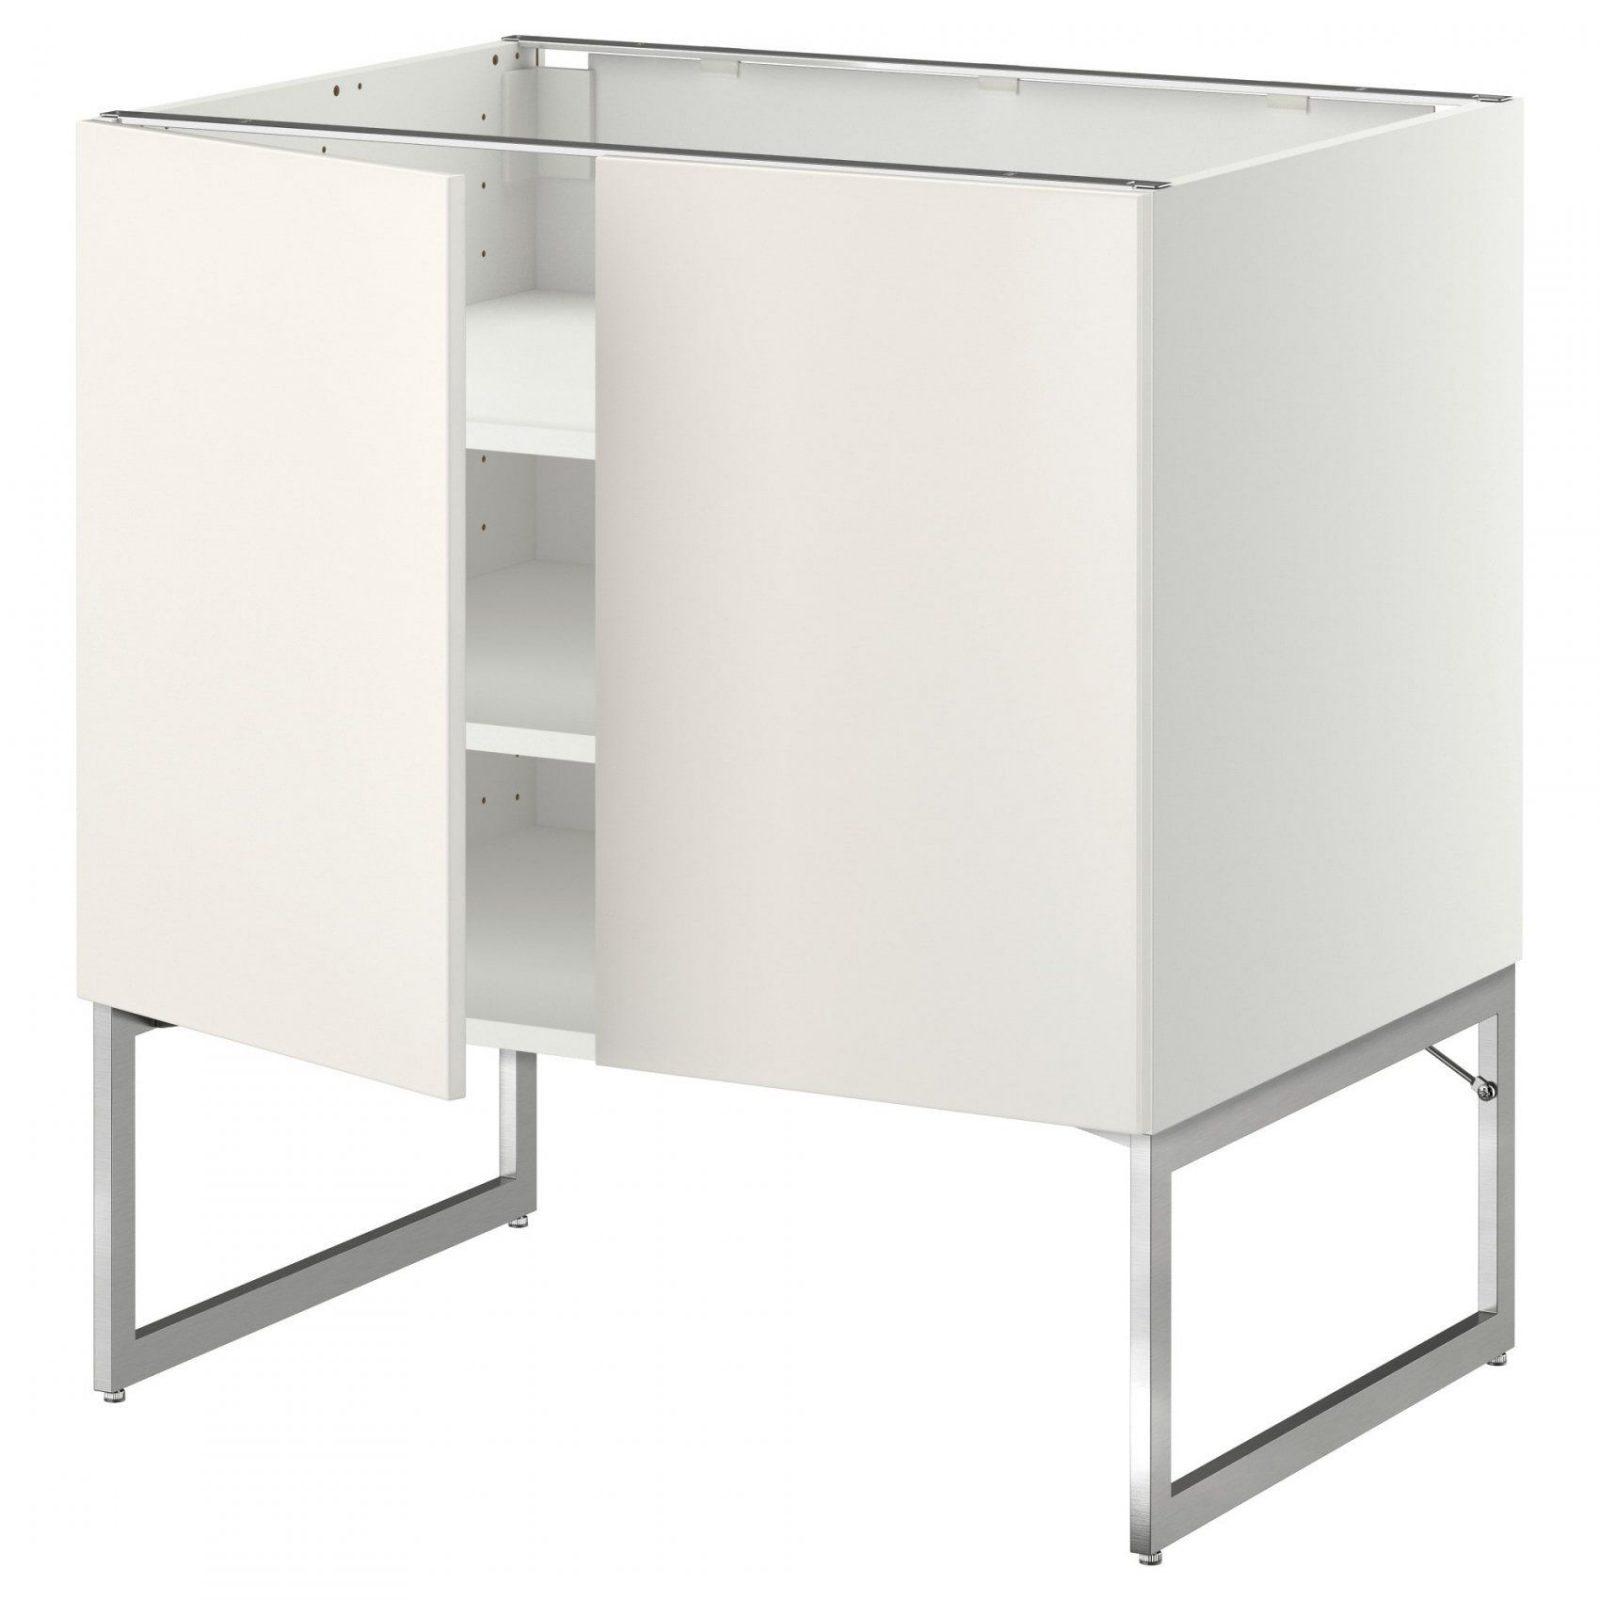 Full Size of Modulküche Ikea Badezimmer Unterschrank Küche Kaufen Eckunterschrank Bad Kosten Holz Miniküche Betten 160x200 Küchen Regal Bei Sofa Mit Schlaffunktion Wohnzimmer Ikea Küchen Unterschrank